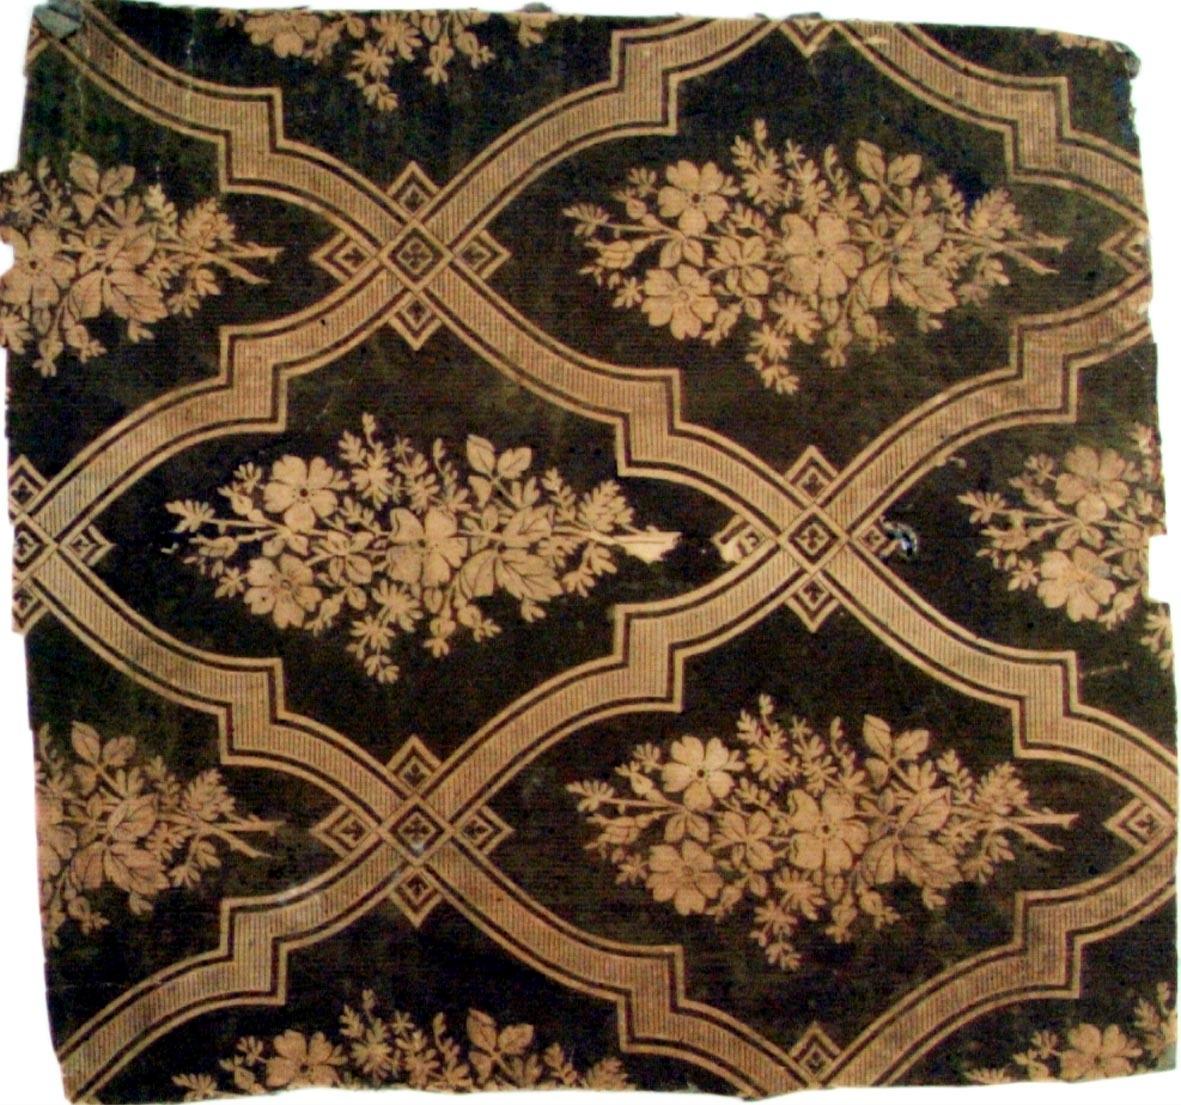 Stort snedrutmönster bestående av rombformer där själva linjen är använd som ornament. Varje mönsterdel är dekorerad med en blombukett och varje krysspunkt med ett rutornament. Tryck i brunt på ofärgat papper.